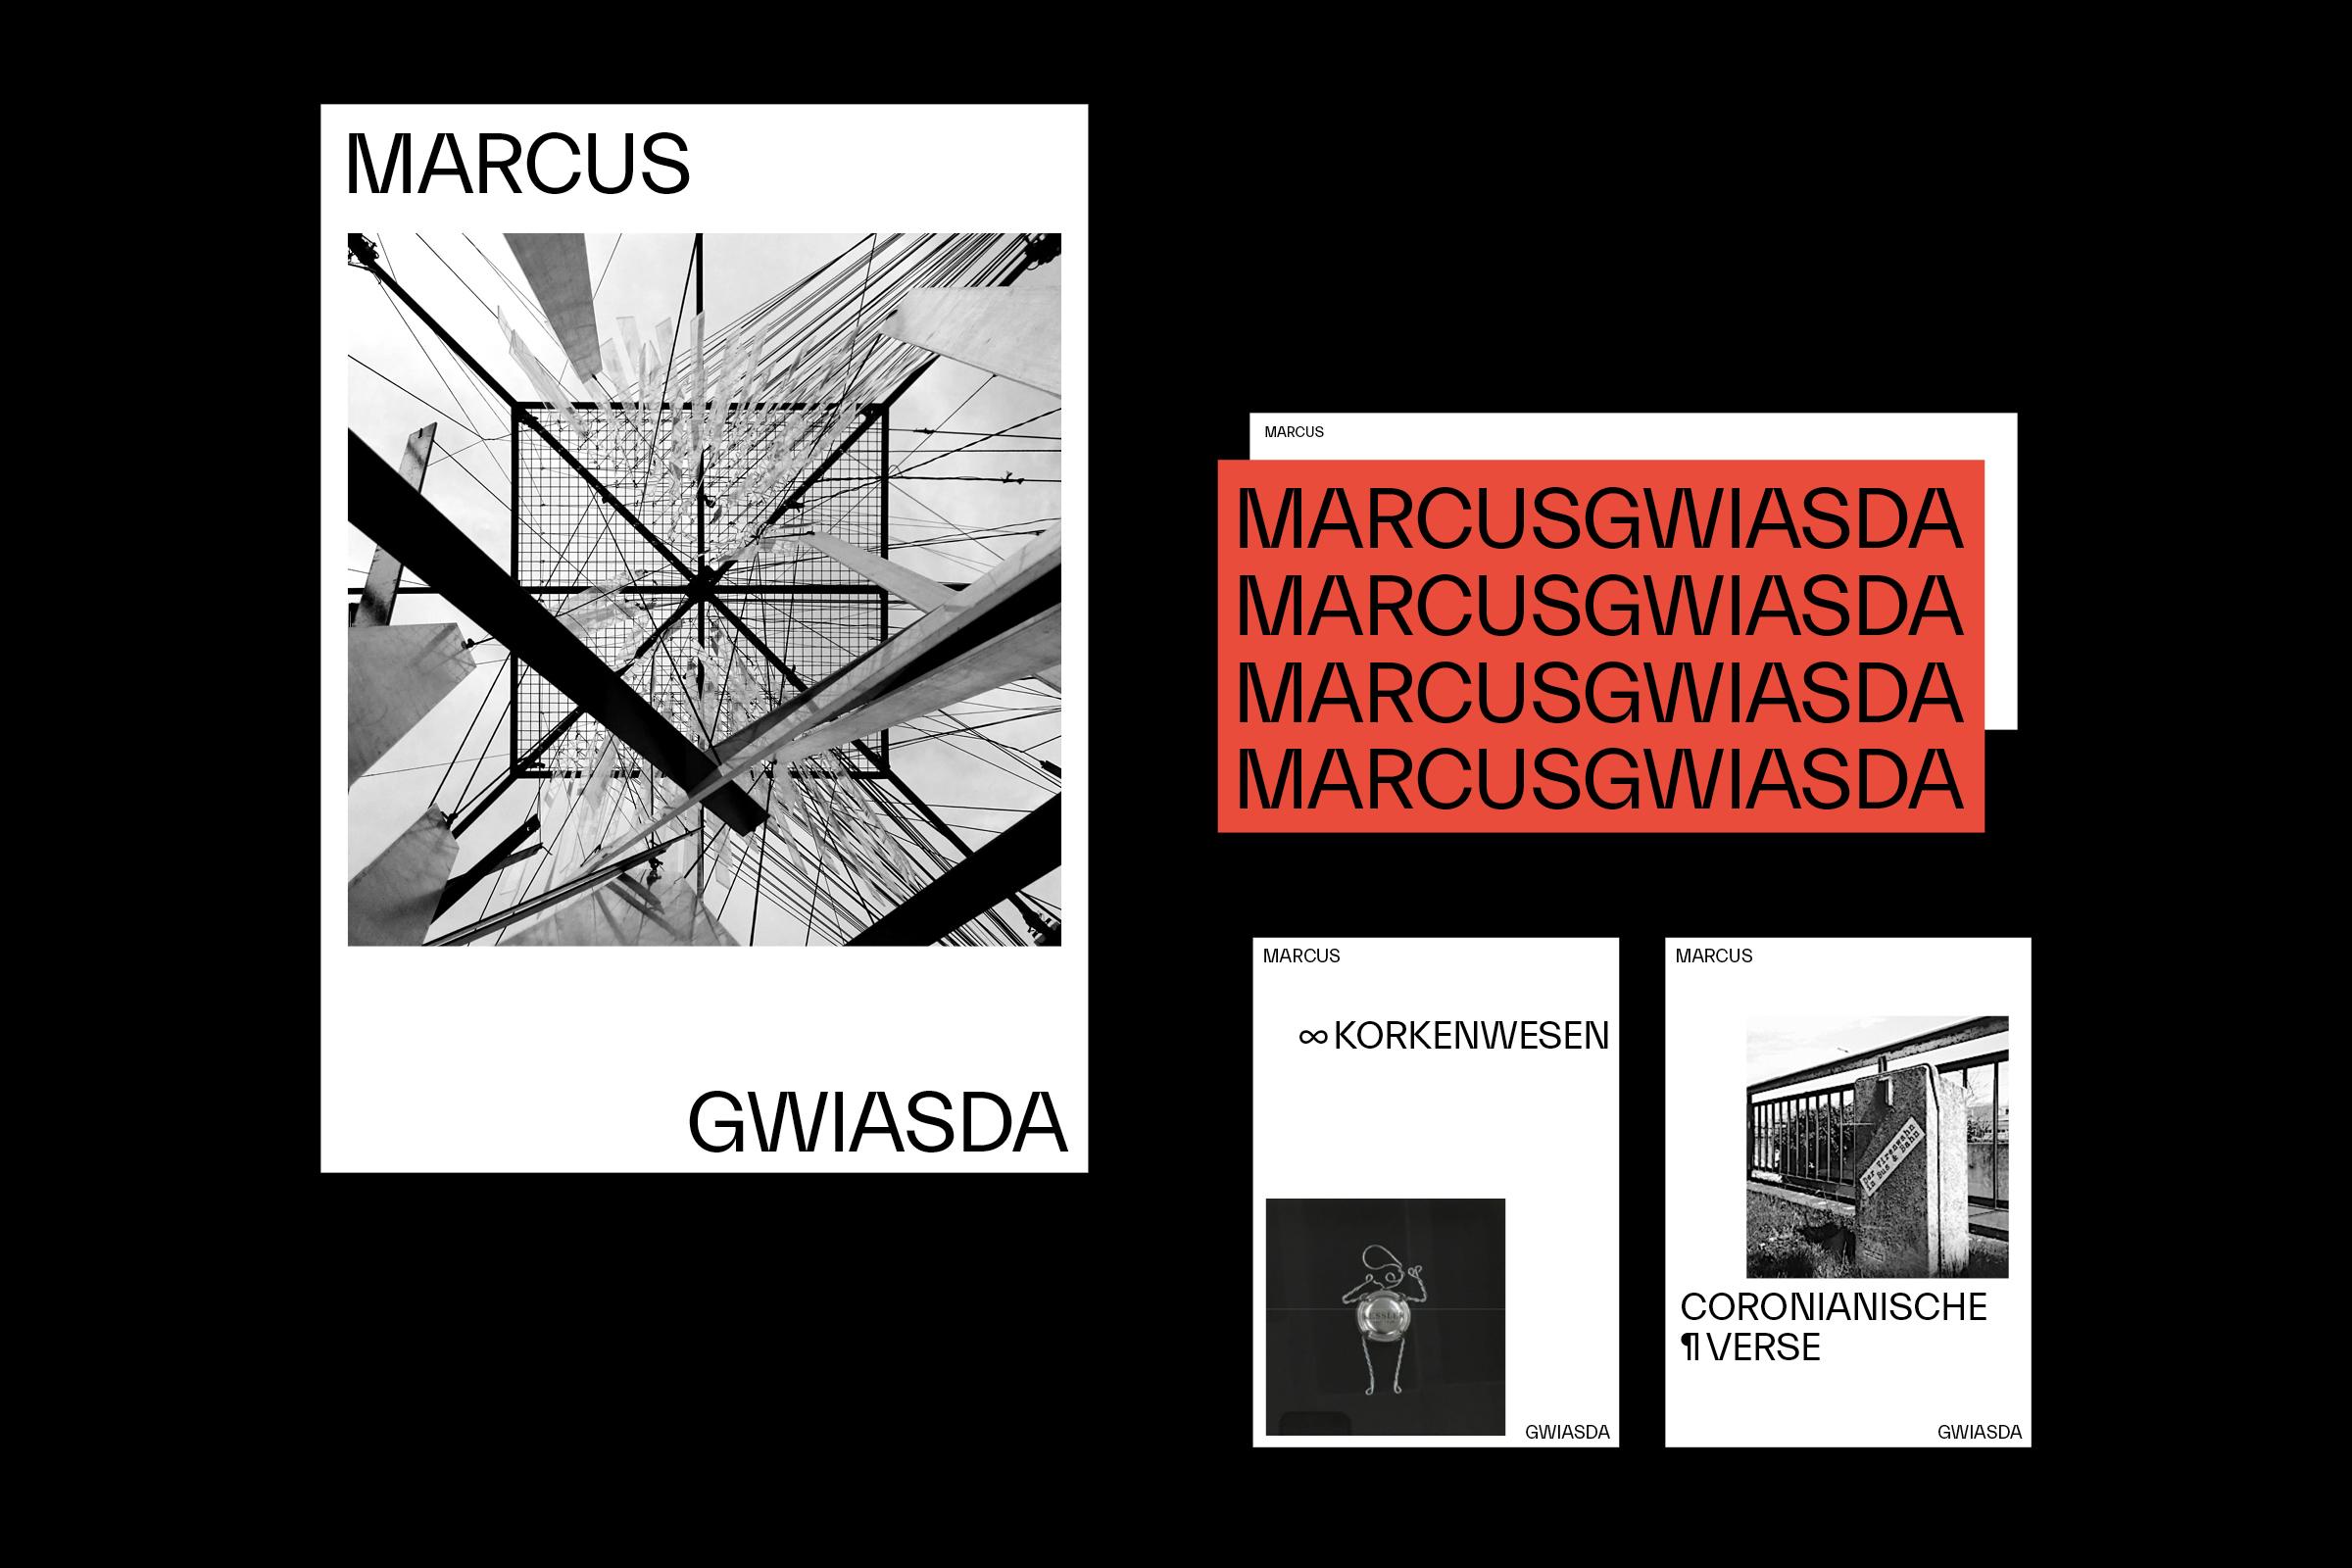 Marcus Gwiasda